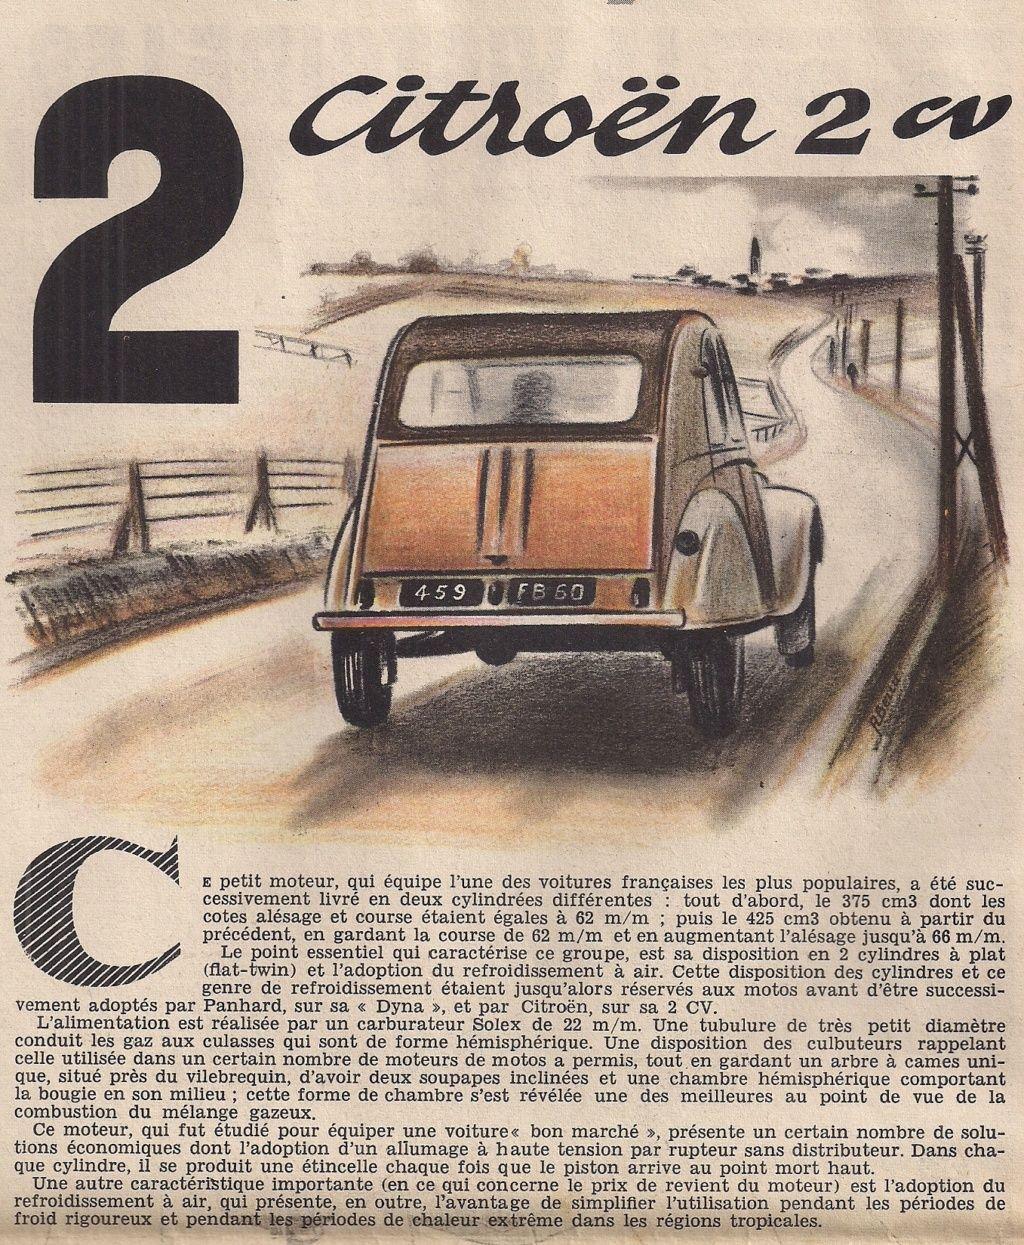 Citroen 2cv 1 2cv Citroen 2cv Voiture Francaise